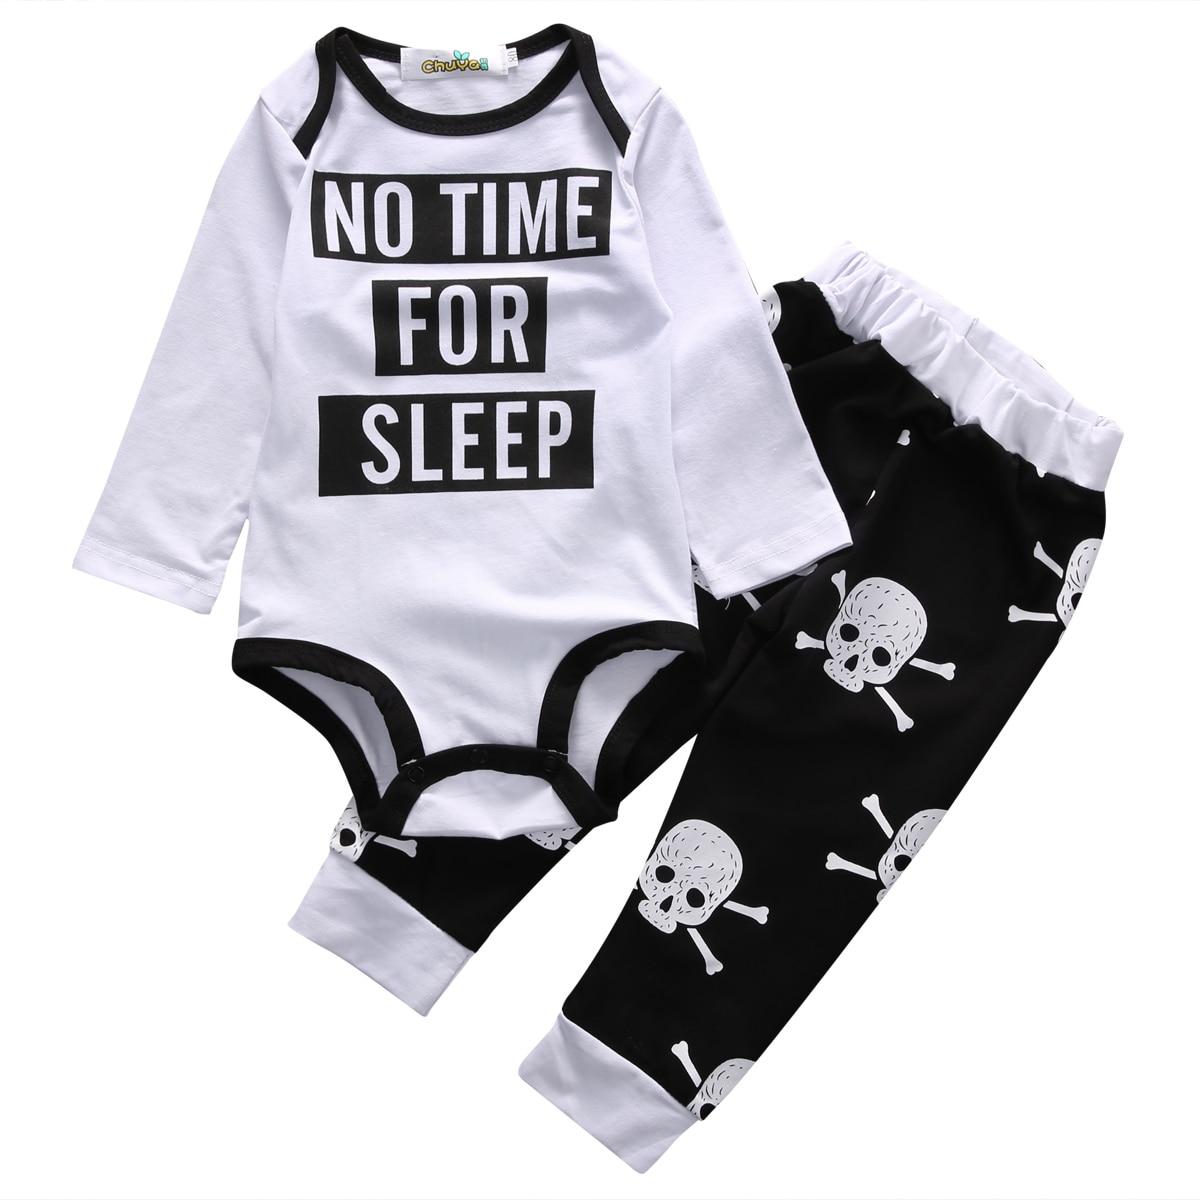 0-18 м для новорожденных Для маленьких мальчиков с длинными рукавами для девочек хлопковый комбинезон топы + Череп печати штаны 2 шт. костюмы н...